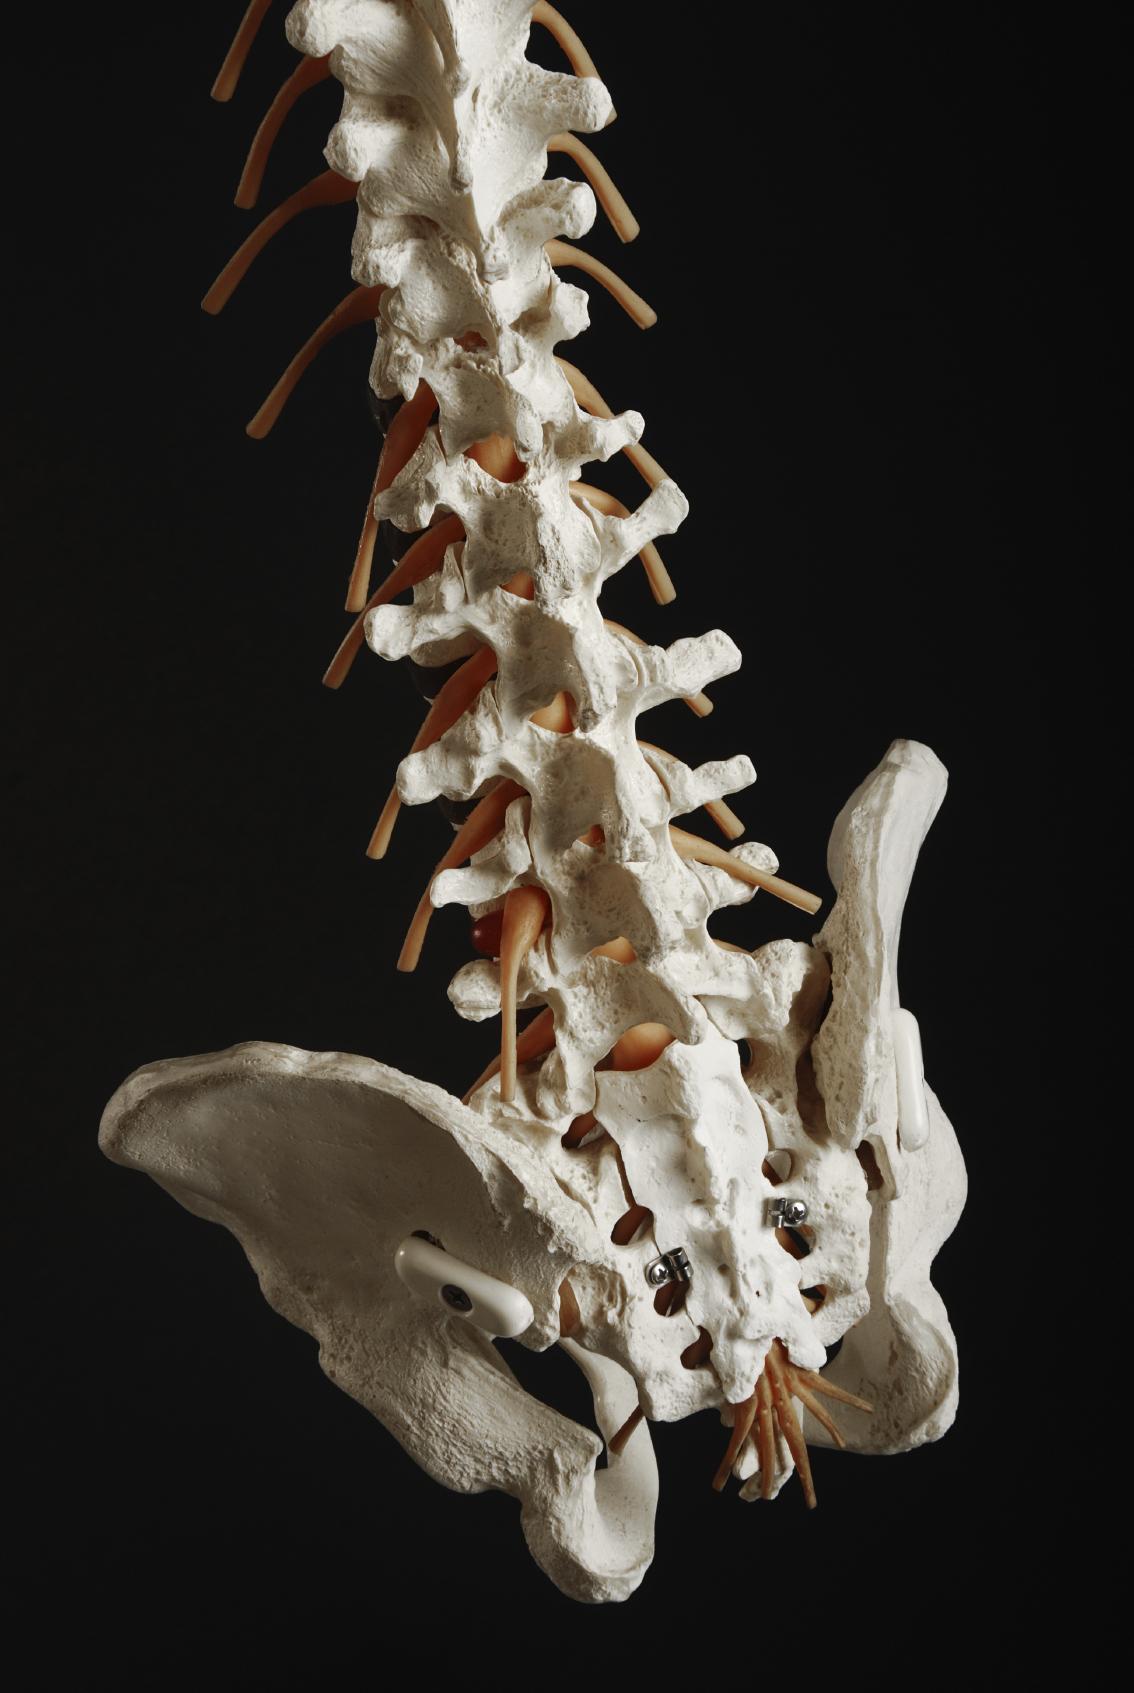 istockphoto nerves